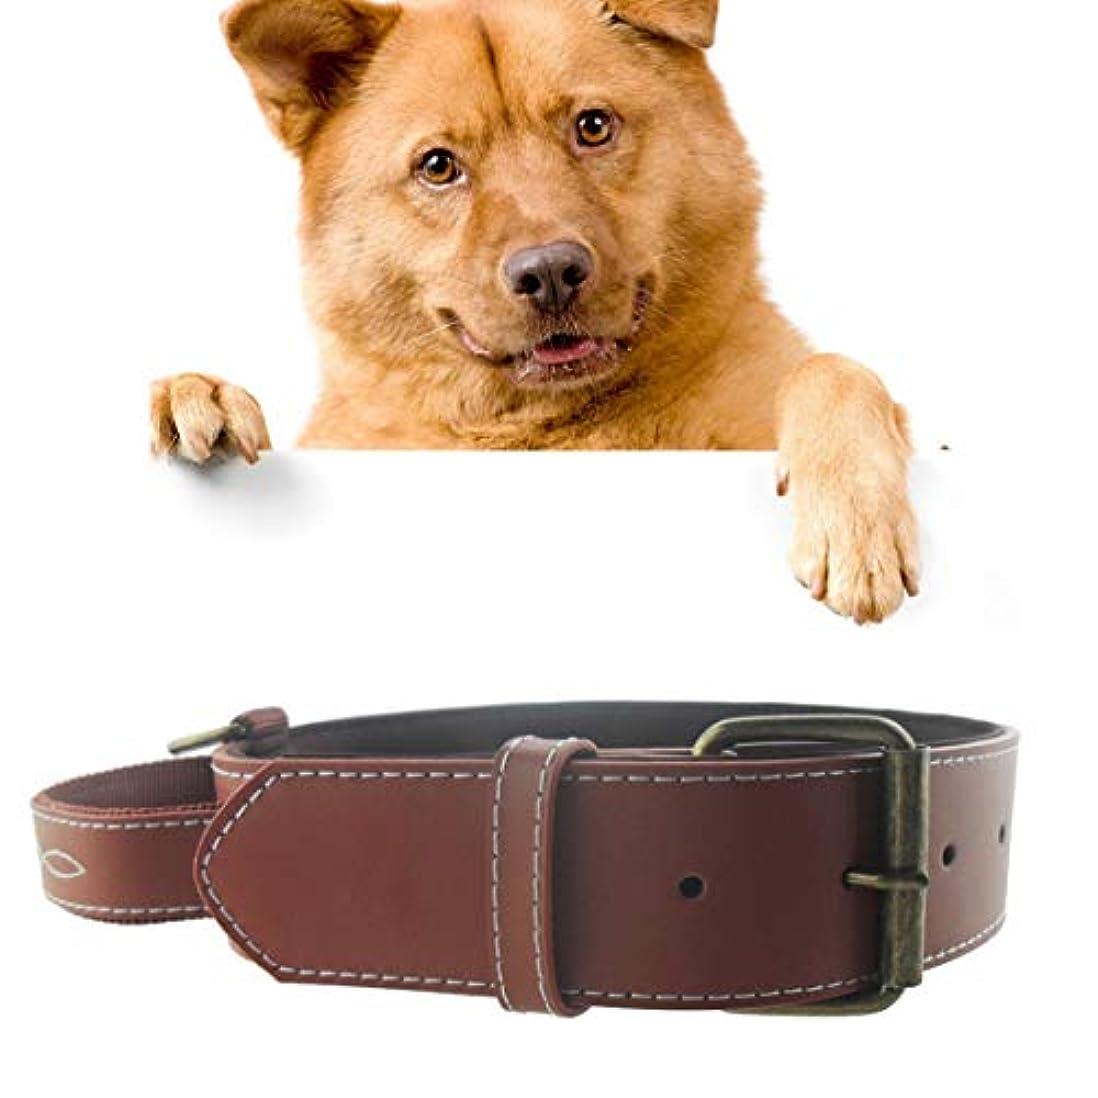 神学校シガレットわずかにペットチェストストラップ LLPレザーペット犬用首輪ペット大ペット用サイズ:4.5 * 48.5cm(ブラック) (色 : Coffee)